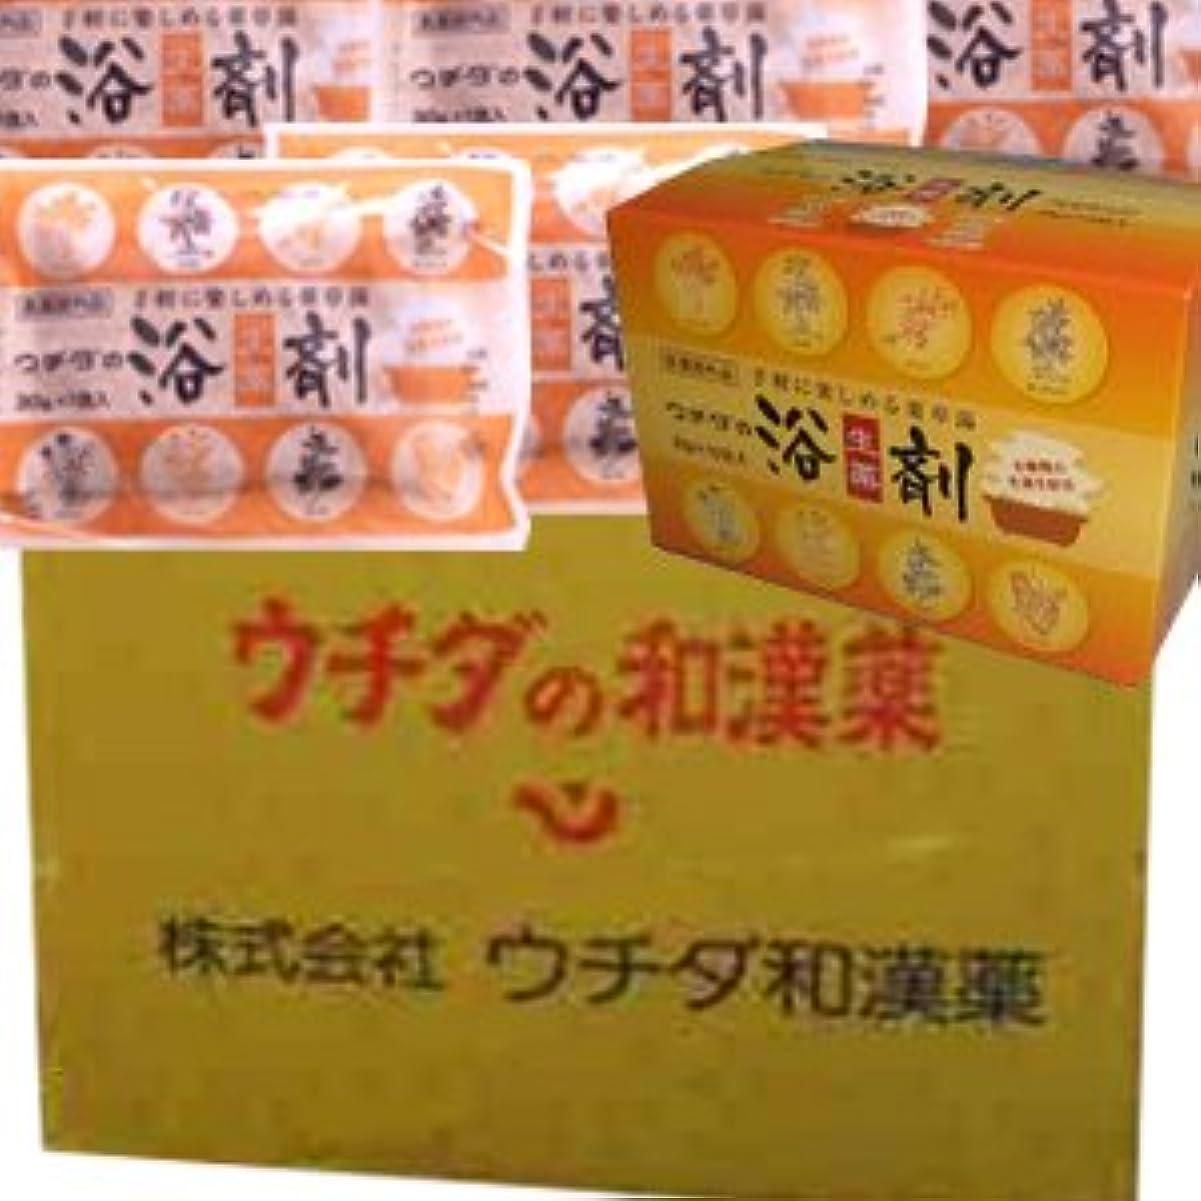 衝突端末チャールズキージング【12個1ケース】 ウチダの浴剤 30g×10袋入×12個+6袋 (4987359400025)